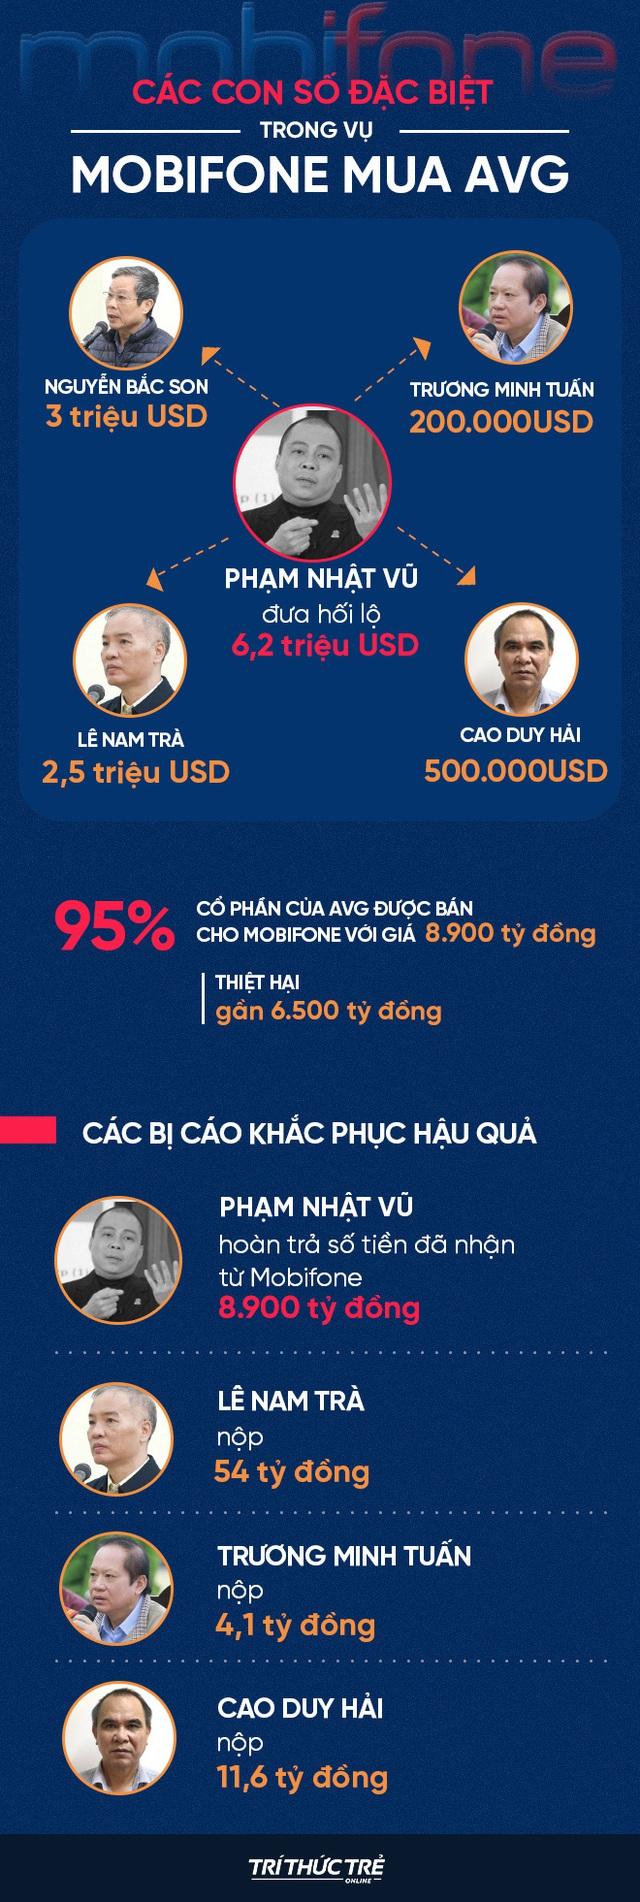 Ngày 6 xử vụ MobiFone mua AVG: Cựu Chủ tịch AVG Phạm Nhật Vũ đang nằm viện, đề nghị luật sư tiến hành bào chữa - Ảnh 2.